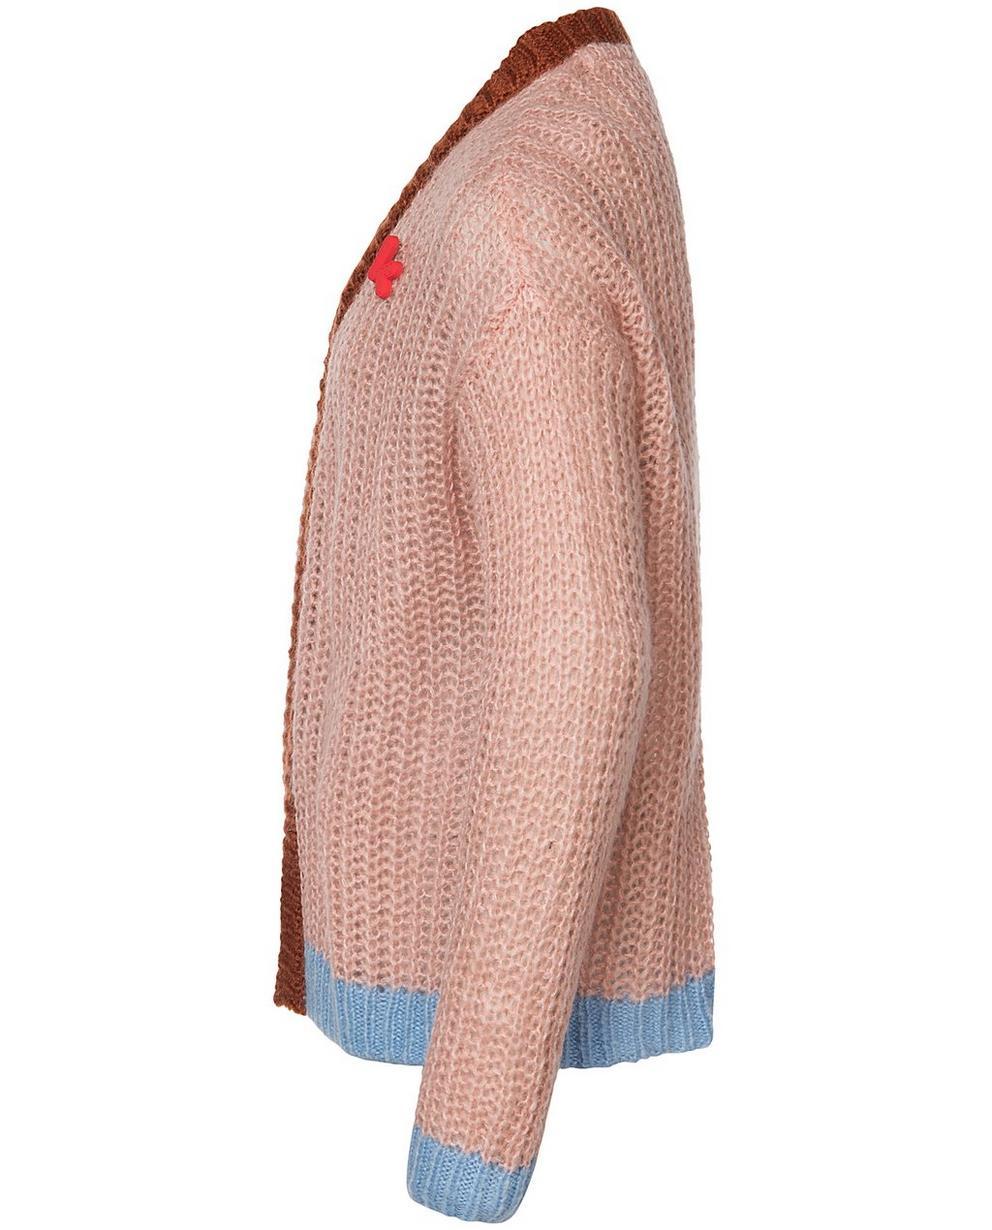 Strickjacken - Pink - Jacke aus einer luxuriösen Wollmischung